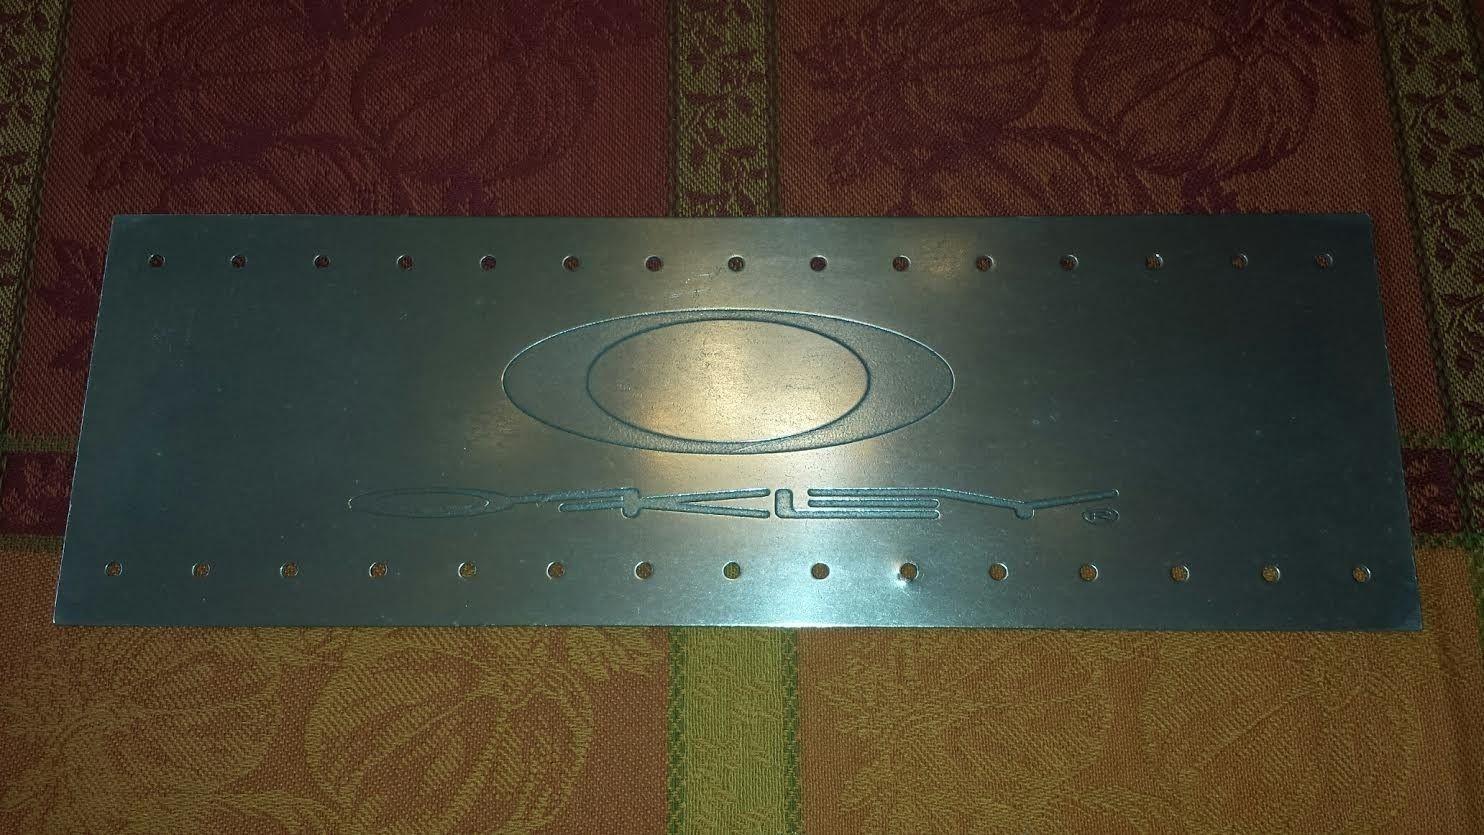 Oakley Metal Sign - norivets3.jpg